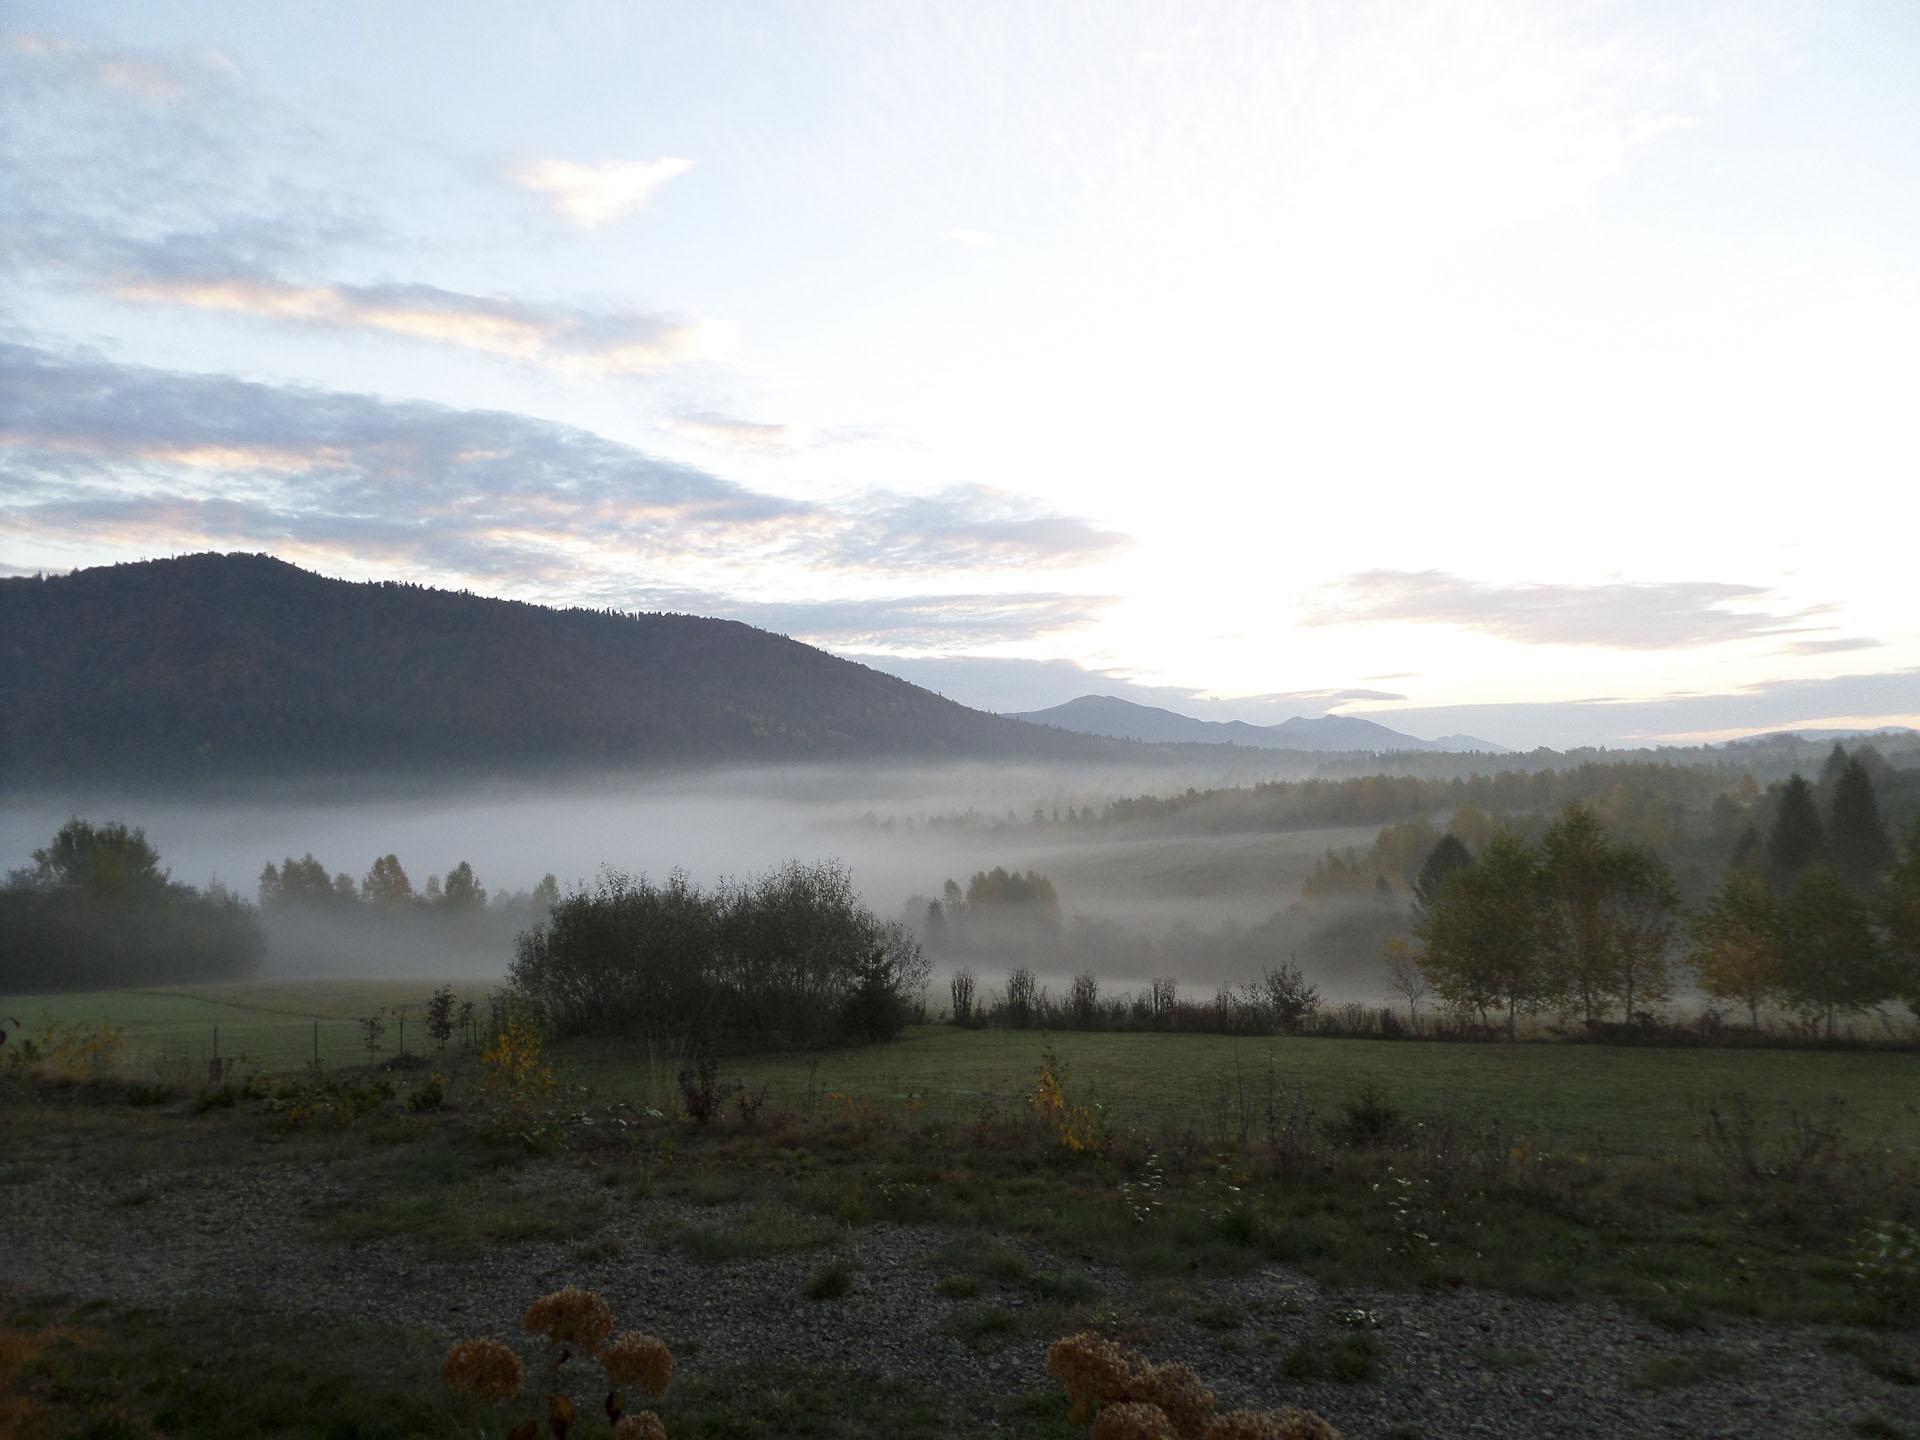 wieczorne zdjęcie gór we mgle